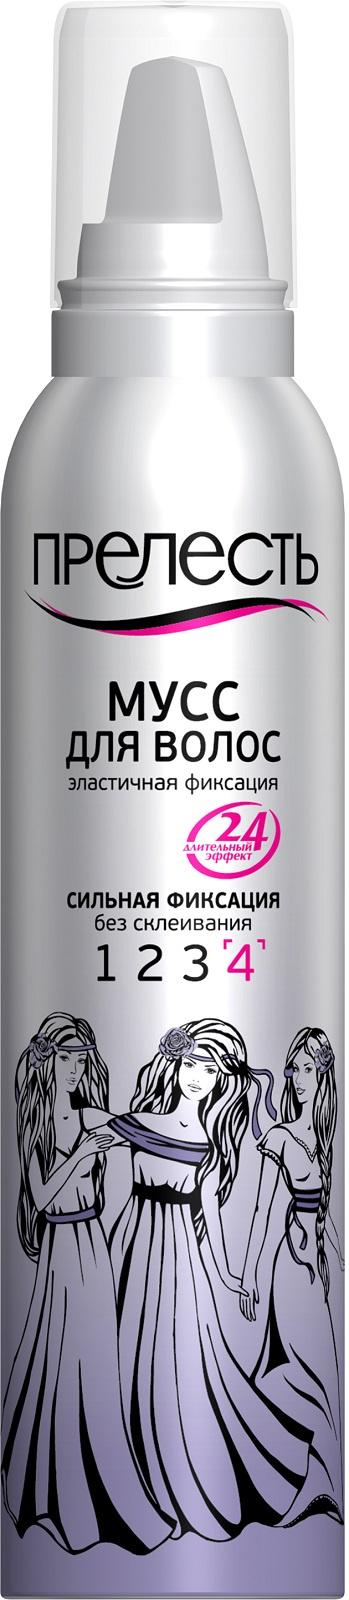 Мусс для волос Прелесть сильной фиксации, 160 мл для волос фаберлик отзывы